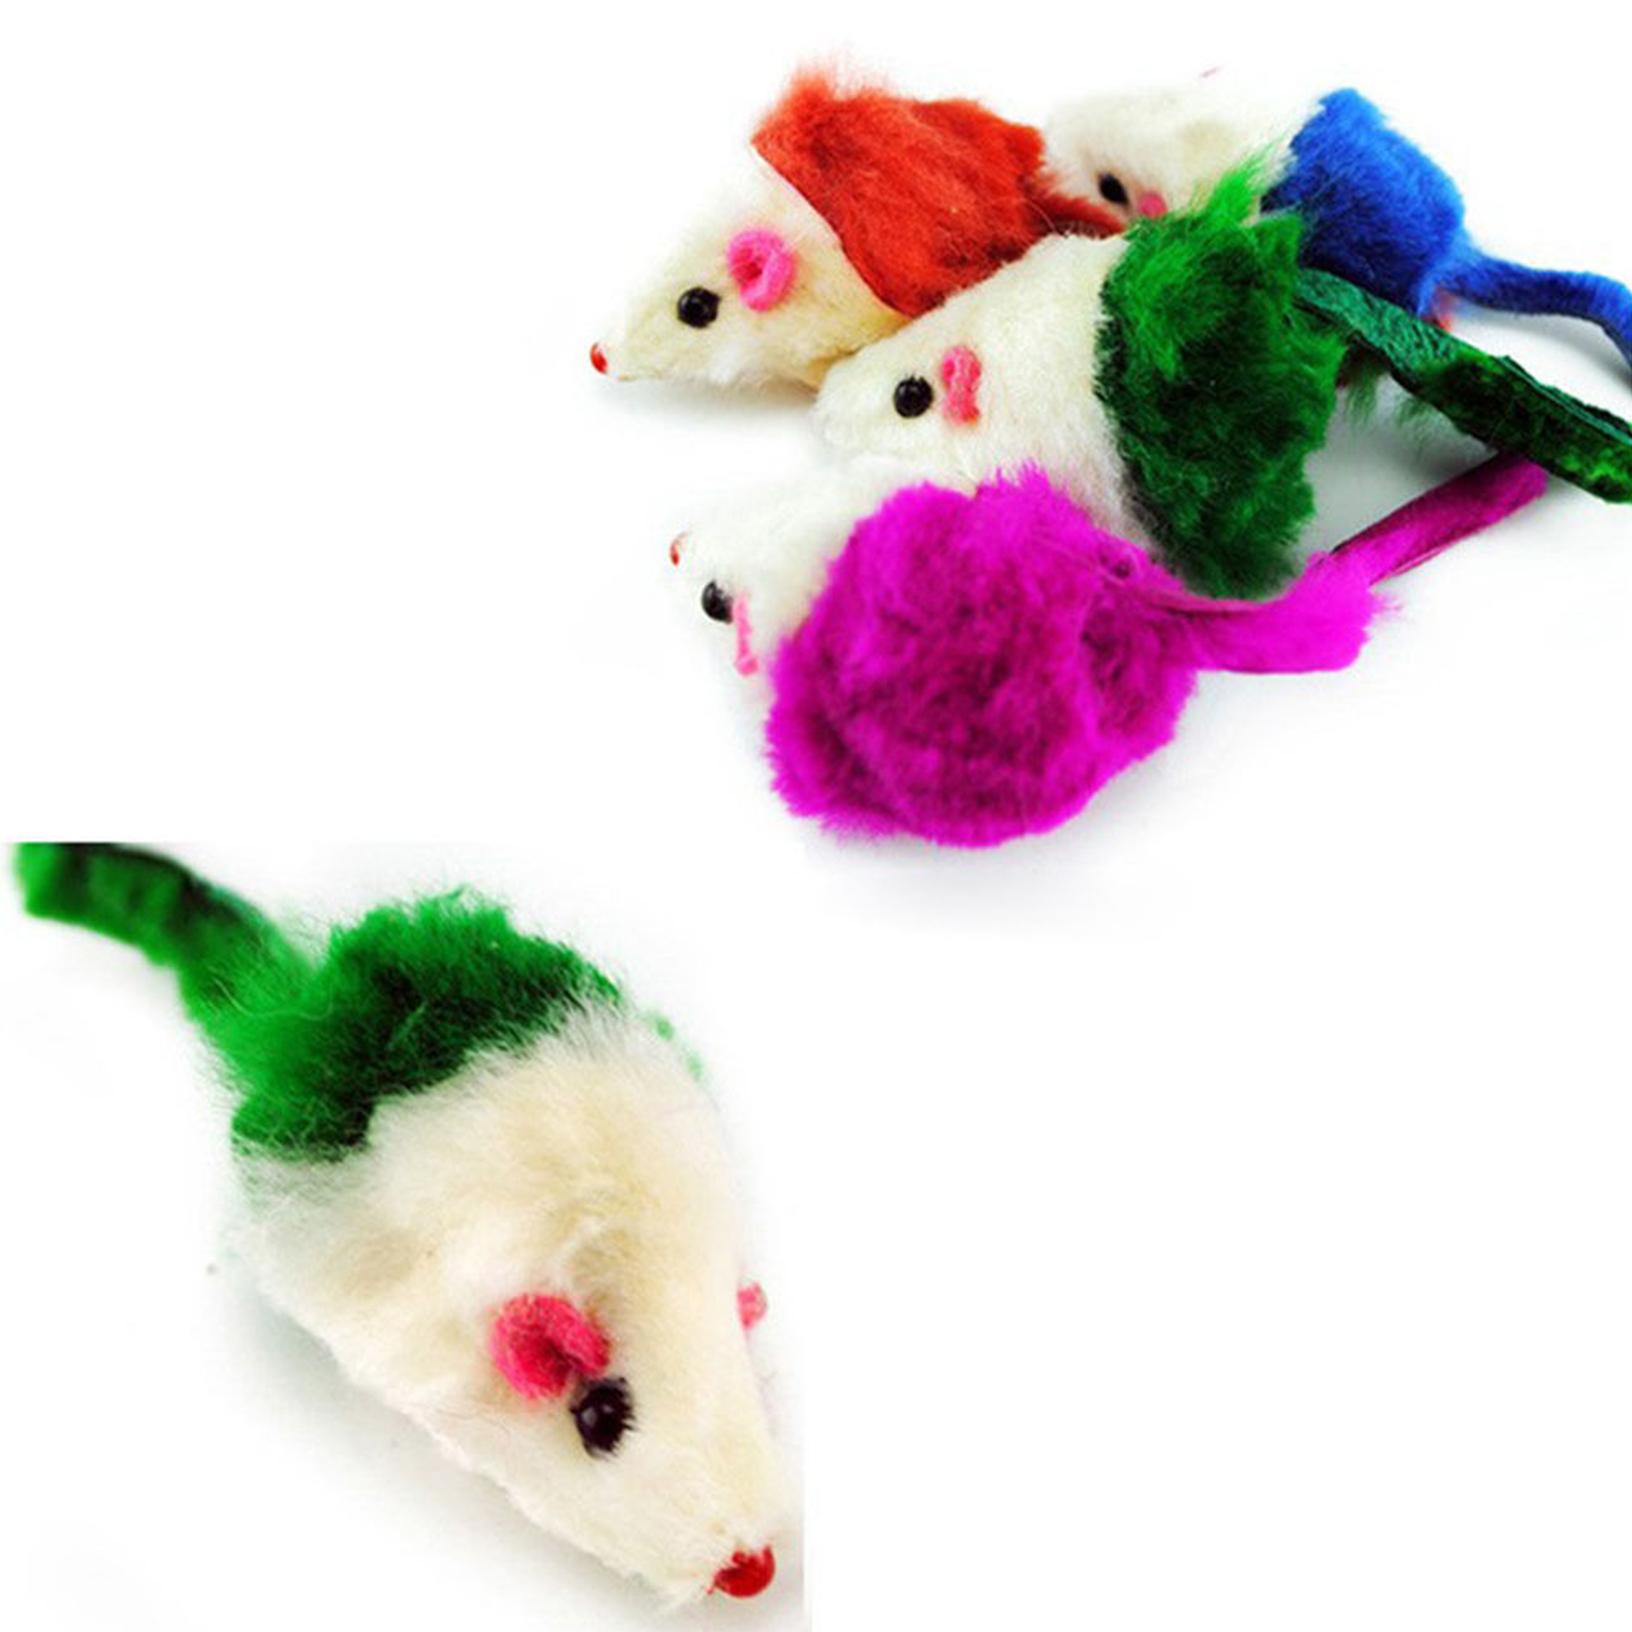 Pcs nettes falsches maus spielzeug für katze kätzchen